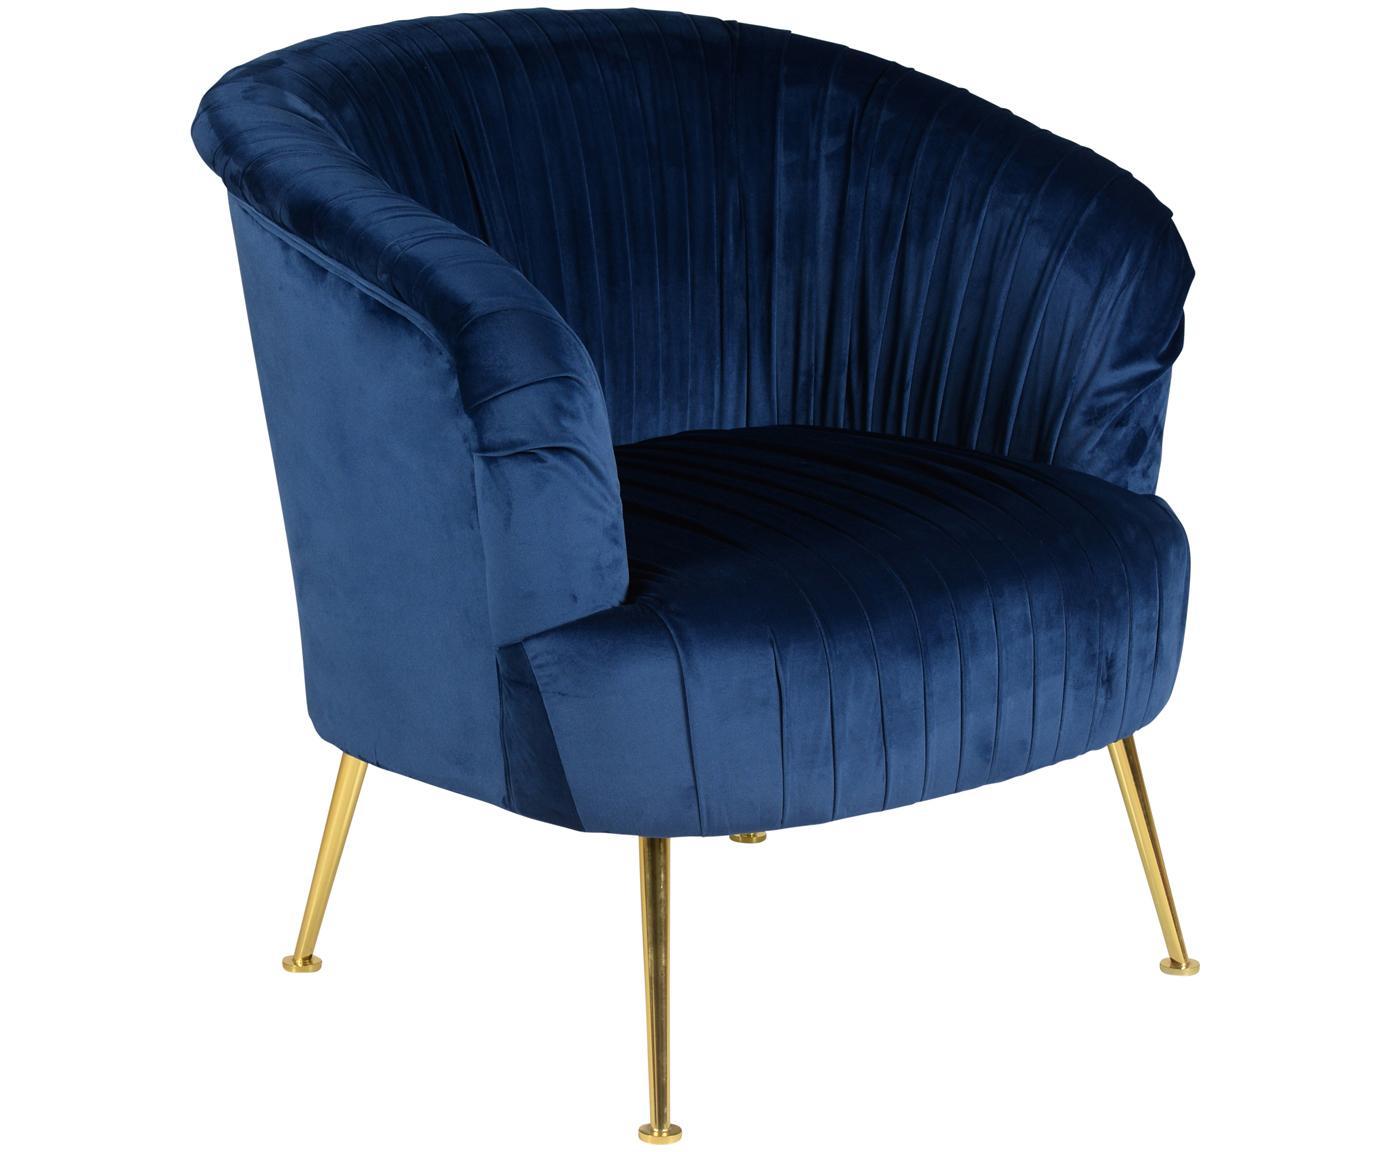 Poltrona in velluto in blu Diva, Rivestimento: velluto di poliestere 85., Gambe: metallo verniciato, Velluto blu scuro, Larg. 73 x Prof. 83 cm